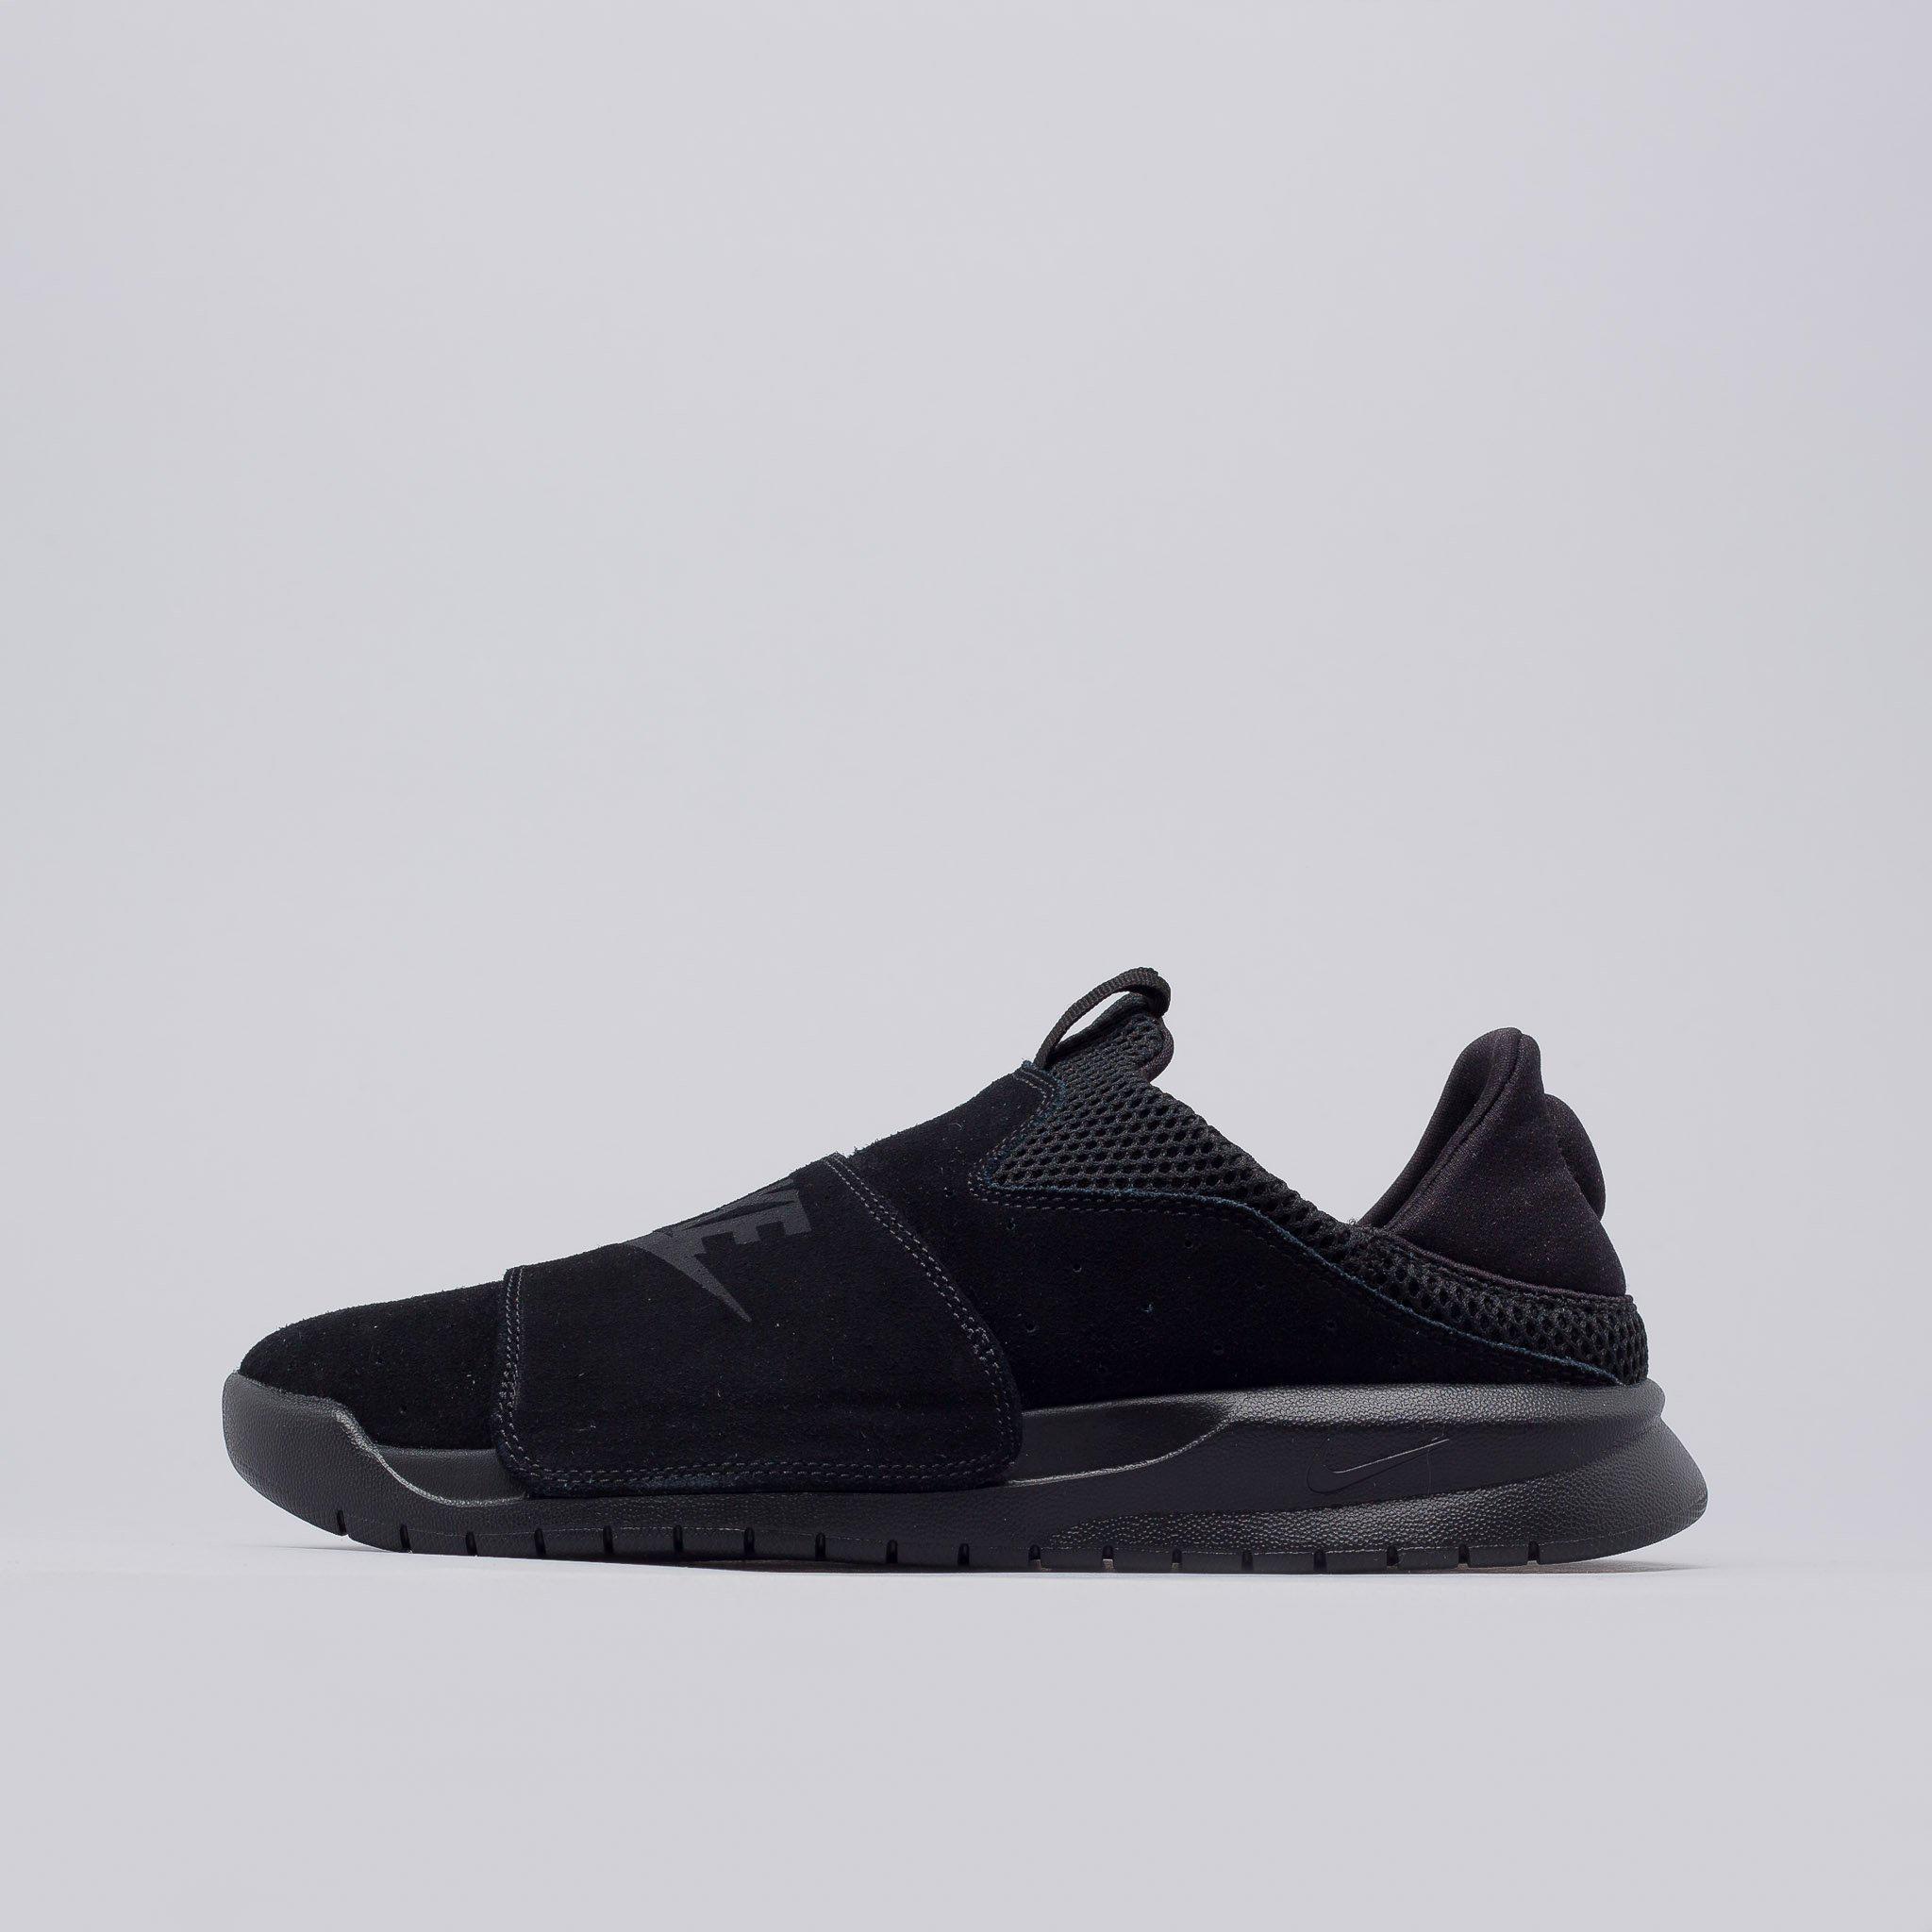 dab86bf03d9 Lyst - Nike Benassi Slip On In Core Black in Black for Men